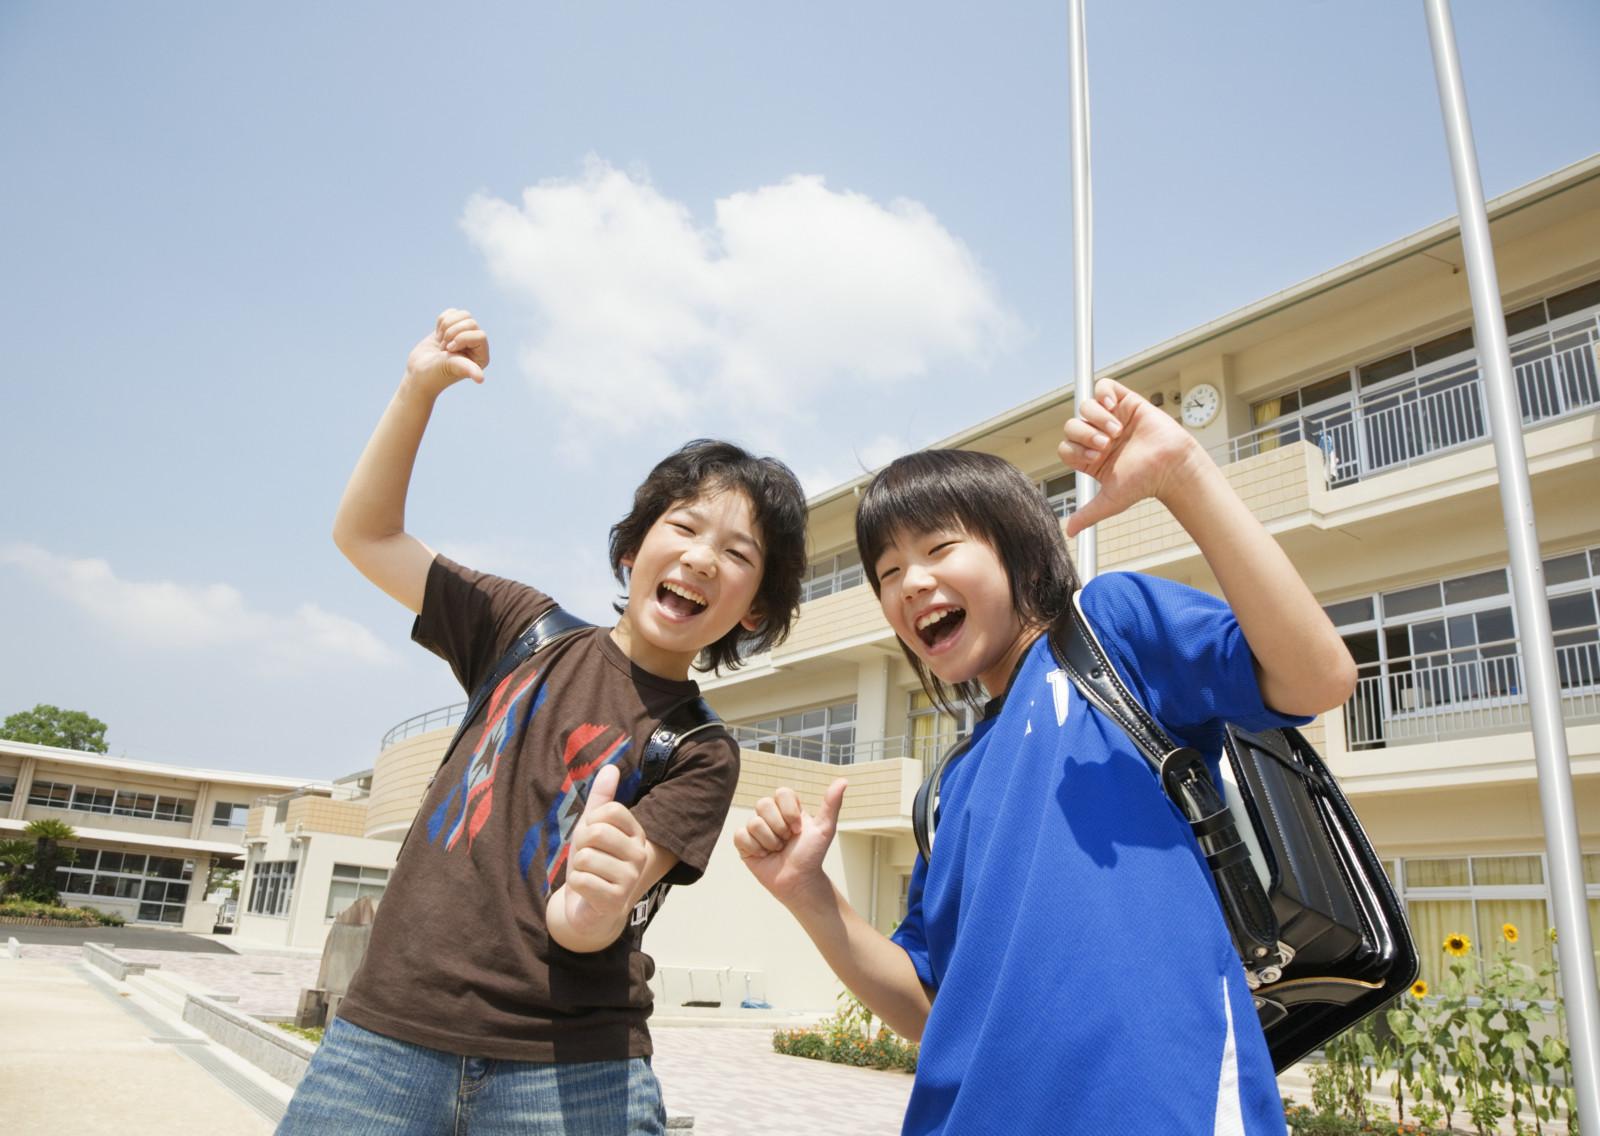 在学校操场上开心玩耍的小学生人物图片素材(51p)